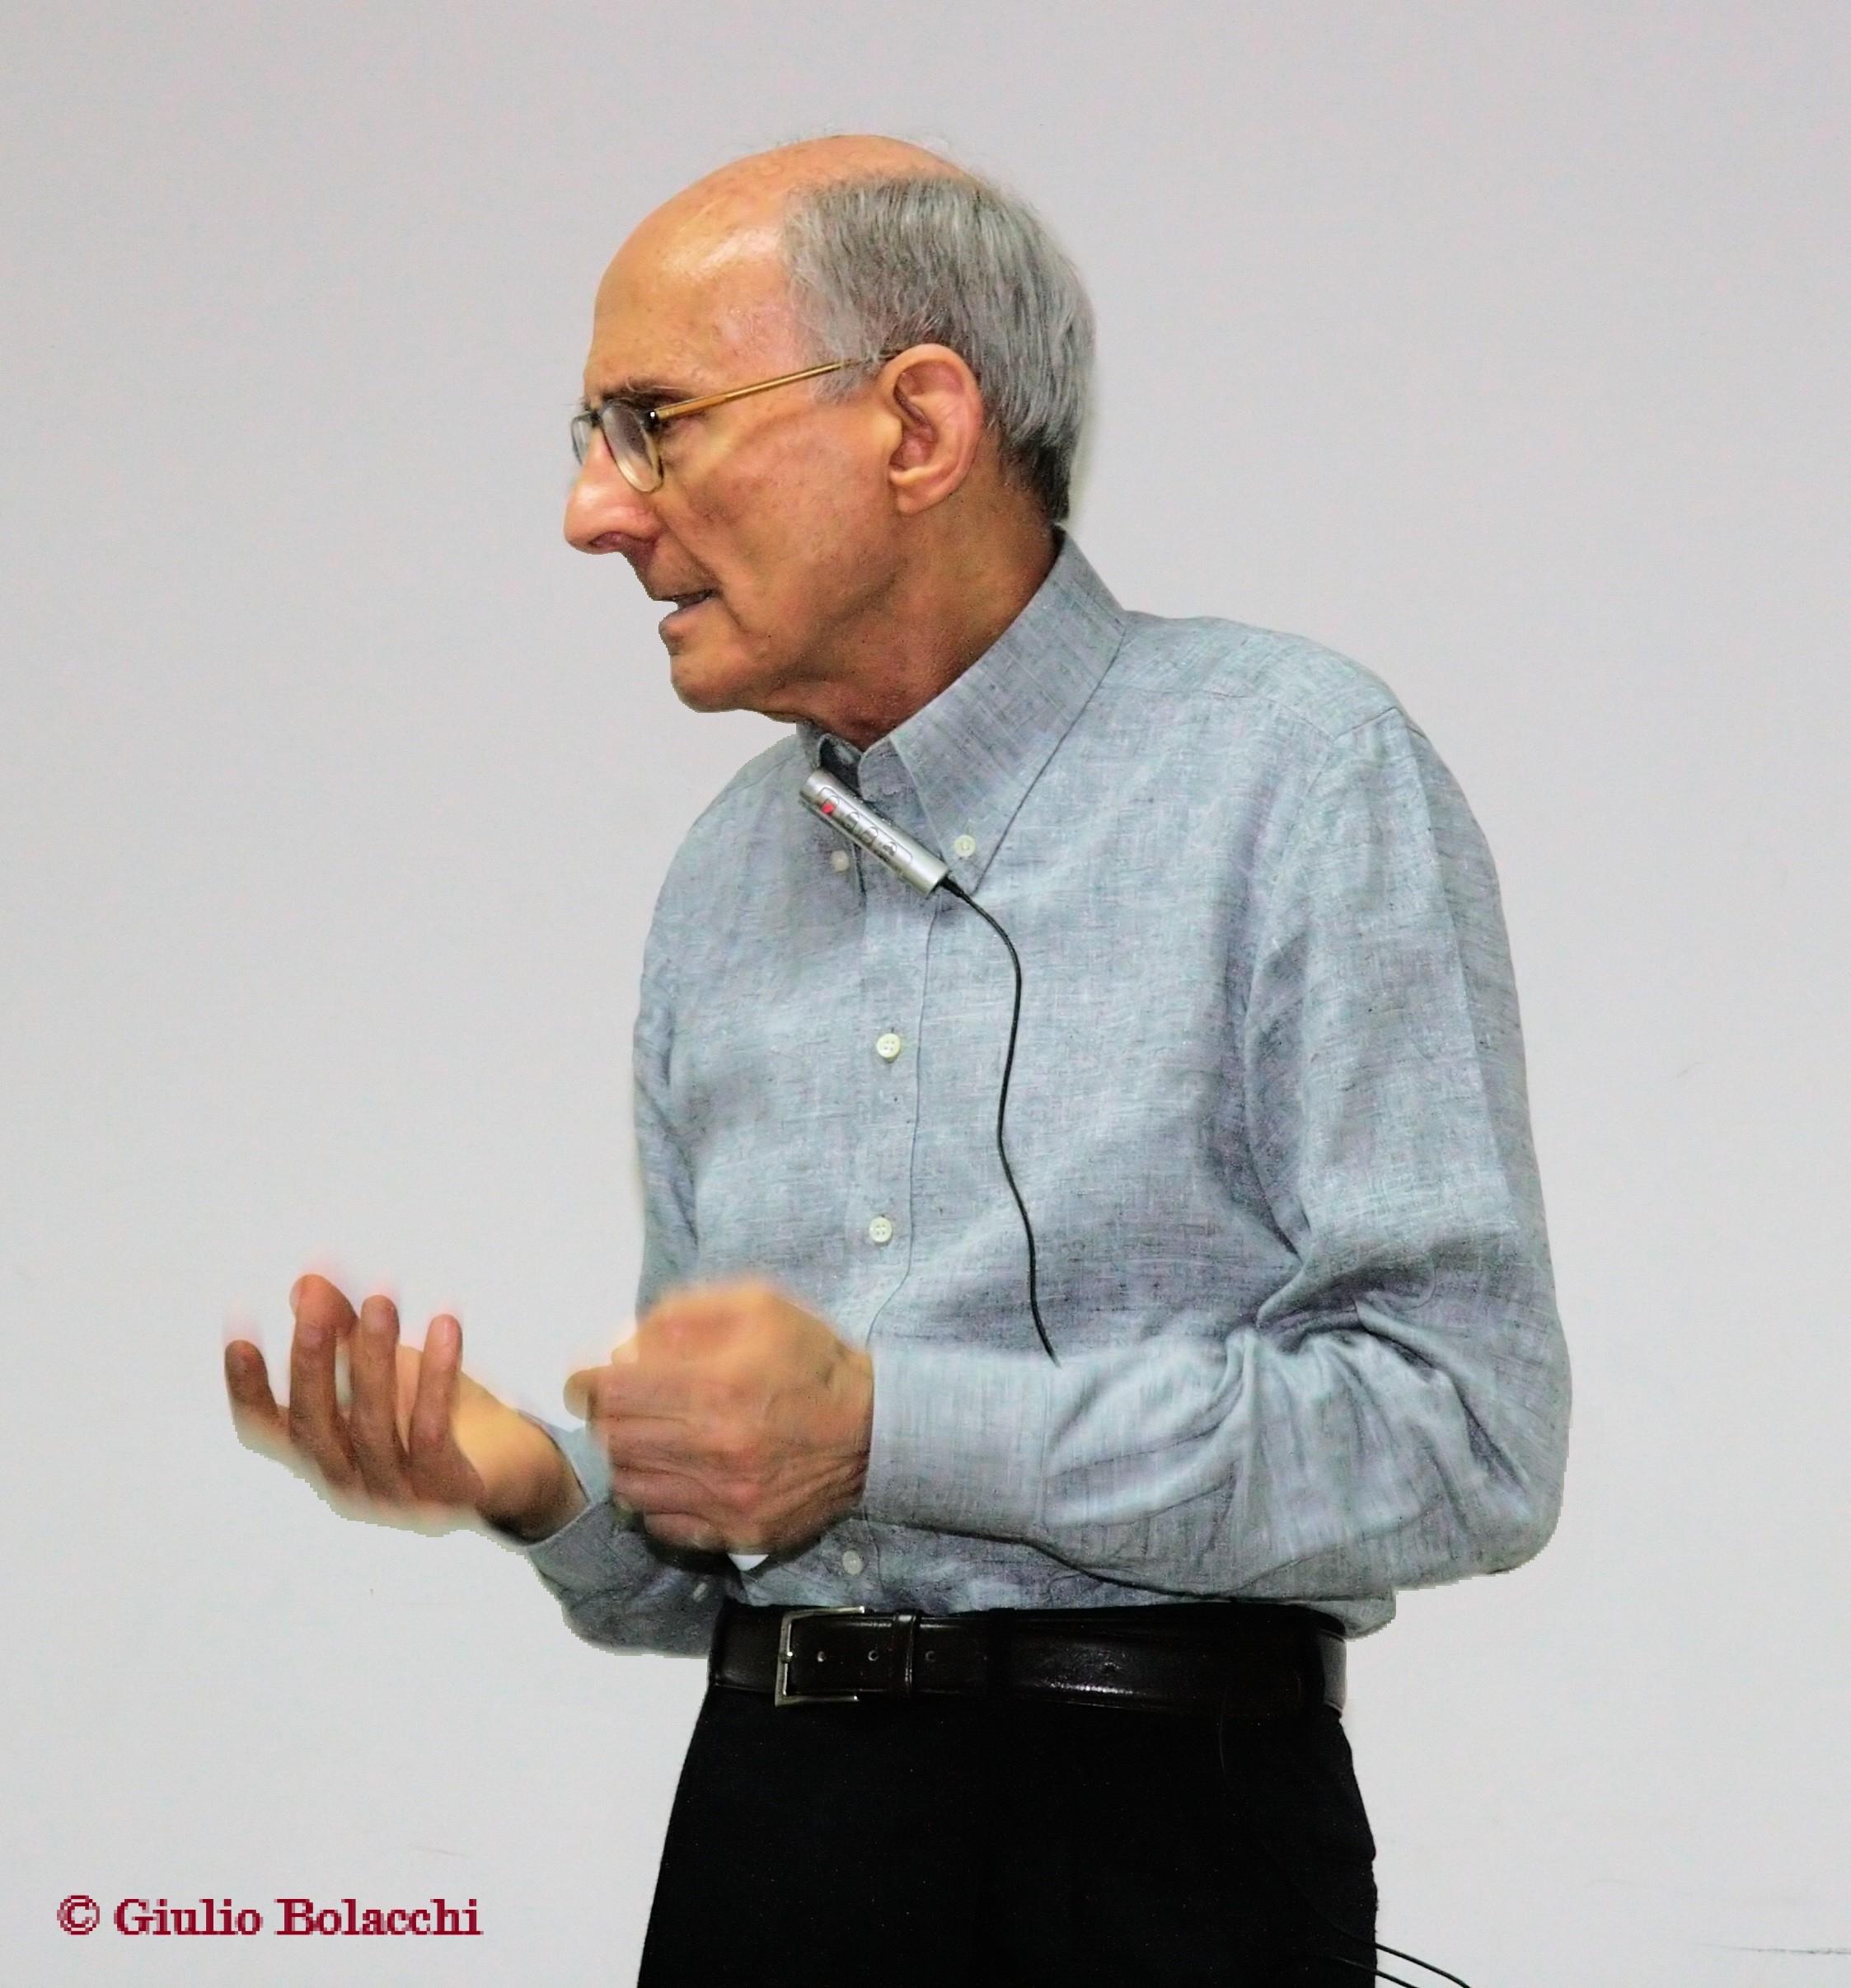 Giulio Bolacchi presenta una ipotesi di integrazione delle discipline sociali fondata sulla scienza del comportamento